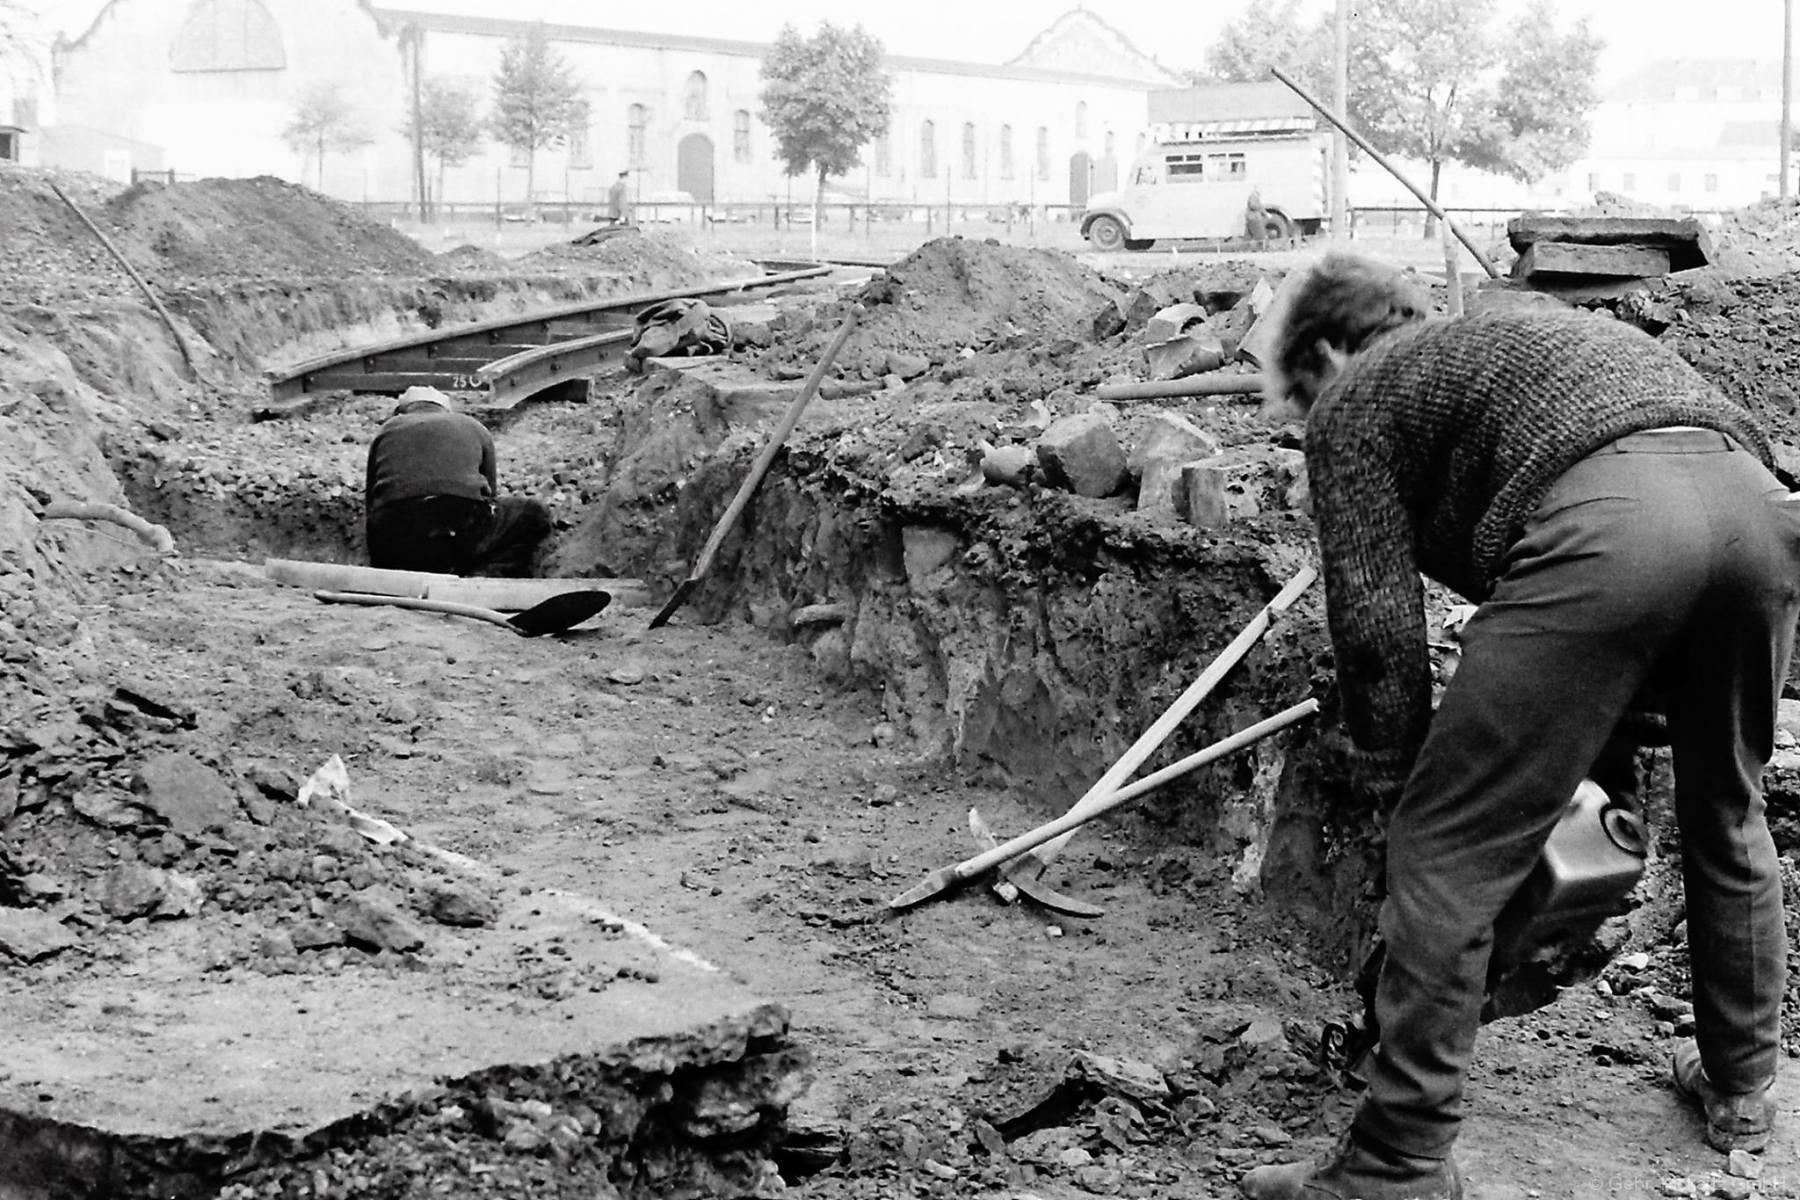 GALERIE WESERWEG EISSTADION 1964